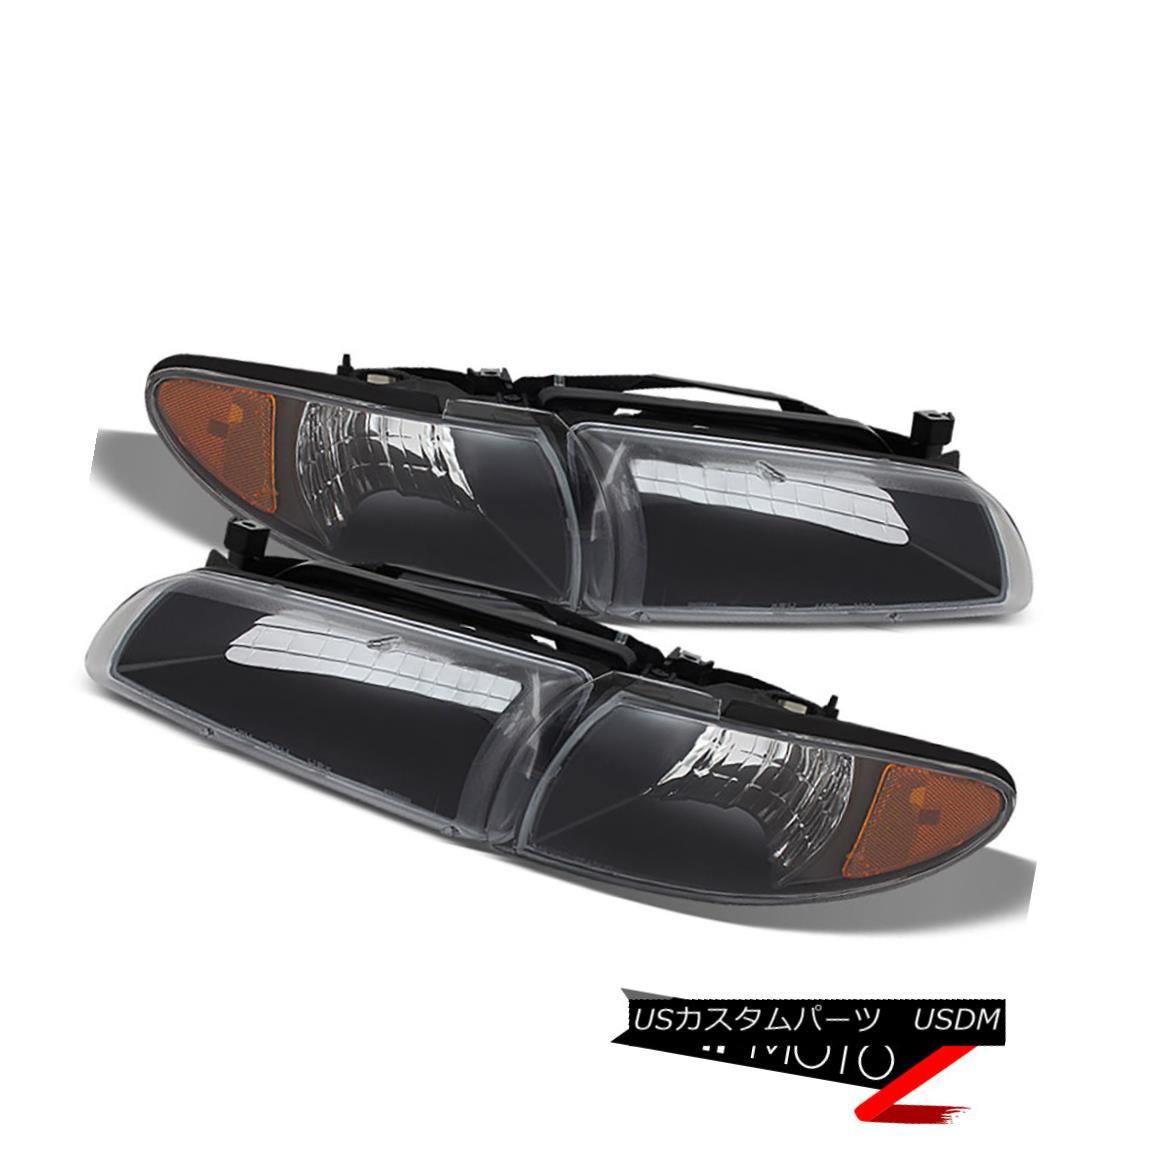 ヘッドライト 1997-2003 Pontiac Grand Prix Coupe Sedan Black Corner Headlights Lamp Assembly 1997-2003ポンティアックグランプリクーペセダンブラックコーナーヘッドライトランプアセンブリ